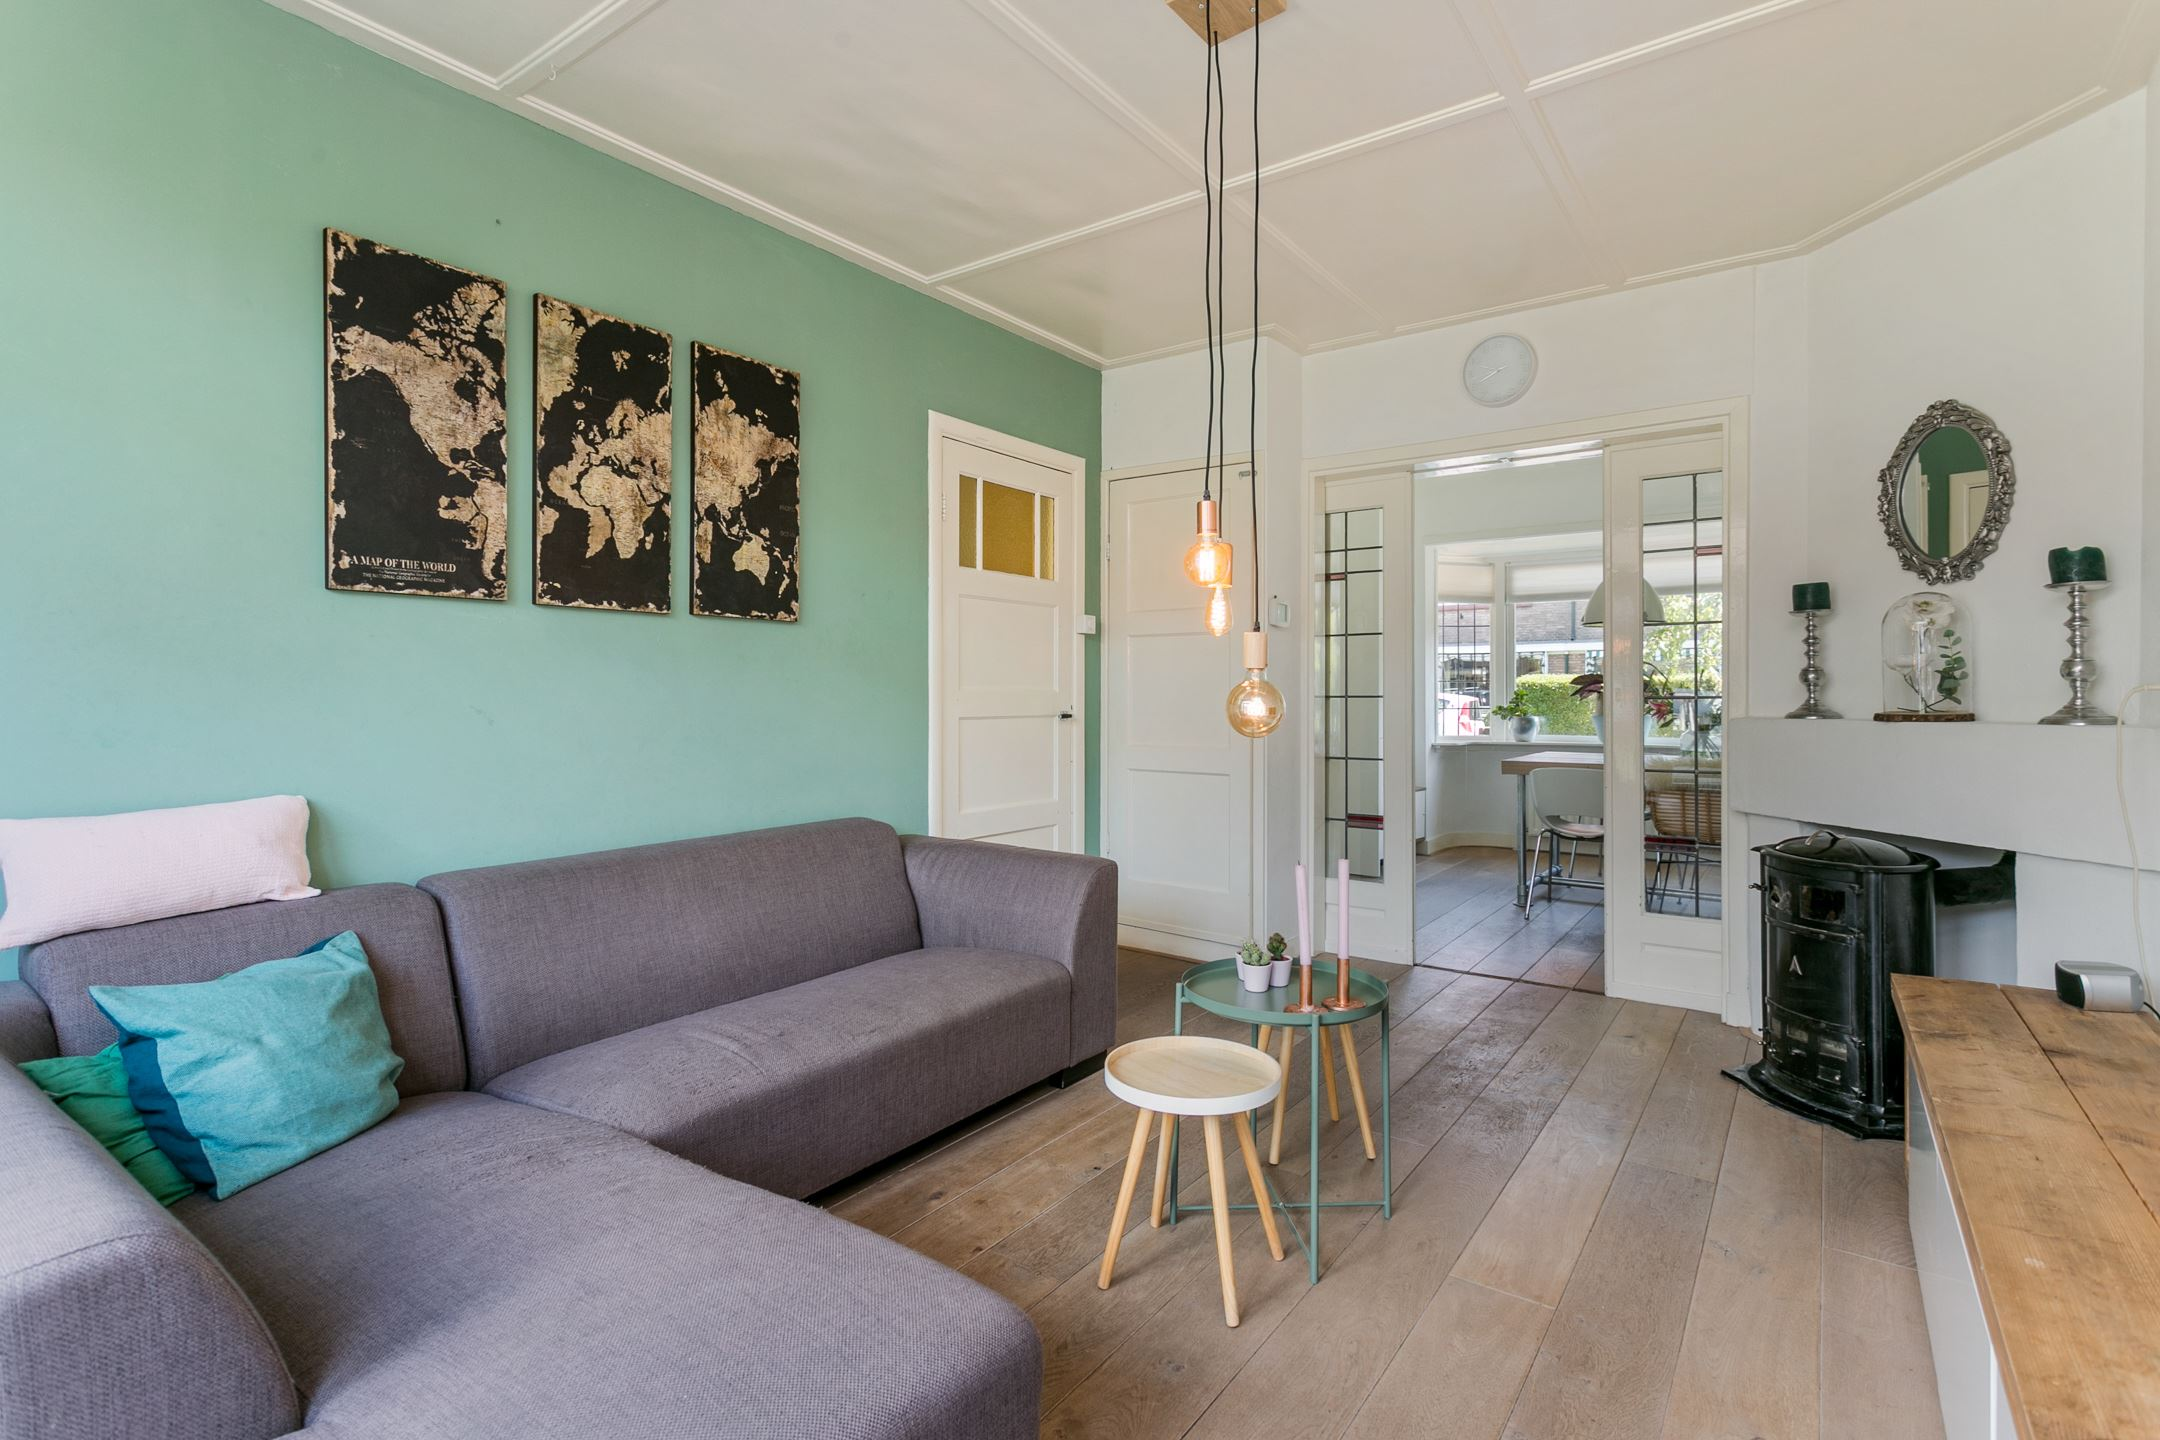 De perfecte presentatie om je huis te verkopen